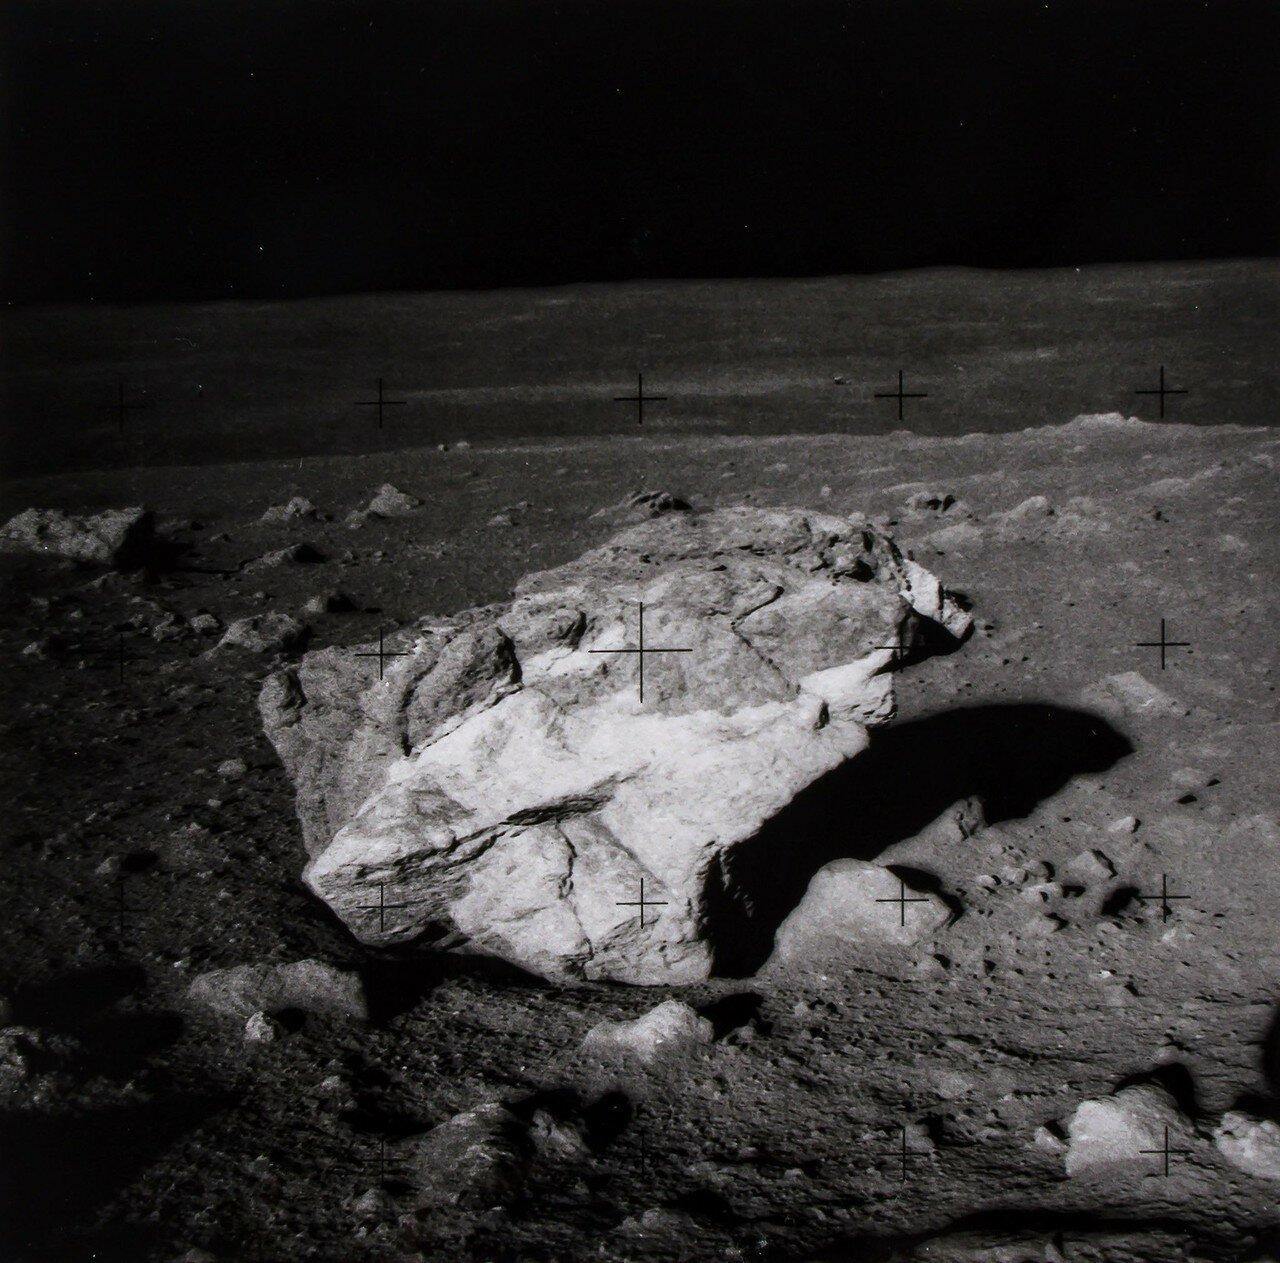 Астронавтам приказали взять образцы белых камней и немедленно возвращаться к лунному модулю по максимально короткой траектории. На снимке: Поле валунов вблизи конуса кратера